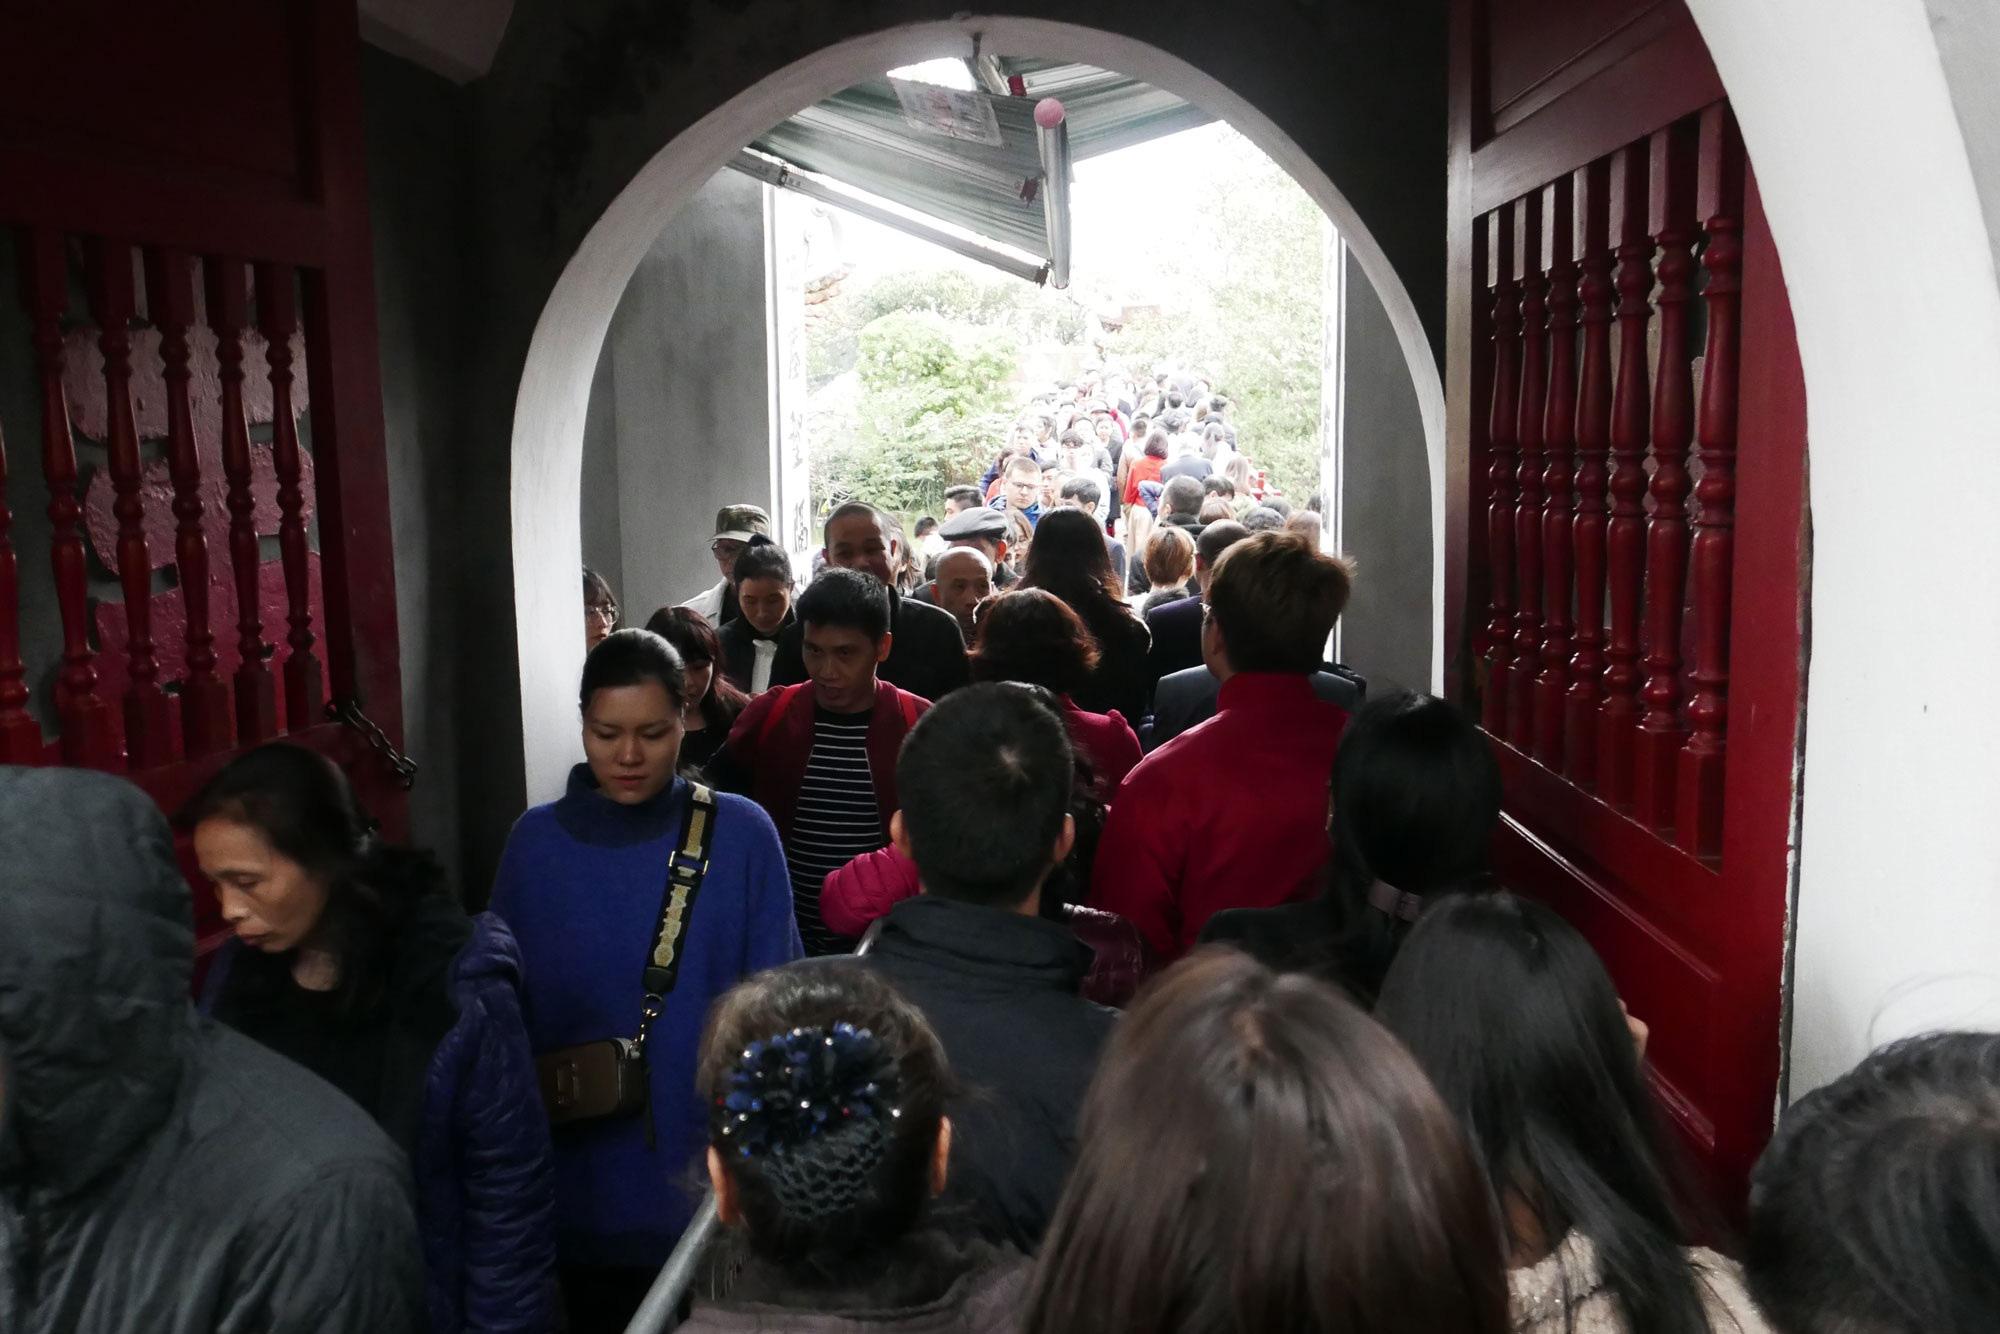 Cảnh lễ đền dưới mưa xuân tuyệt đẹp ở Hà Nội ngày mùng 1 Tết - Ảnh 3.